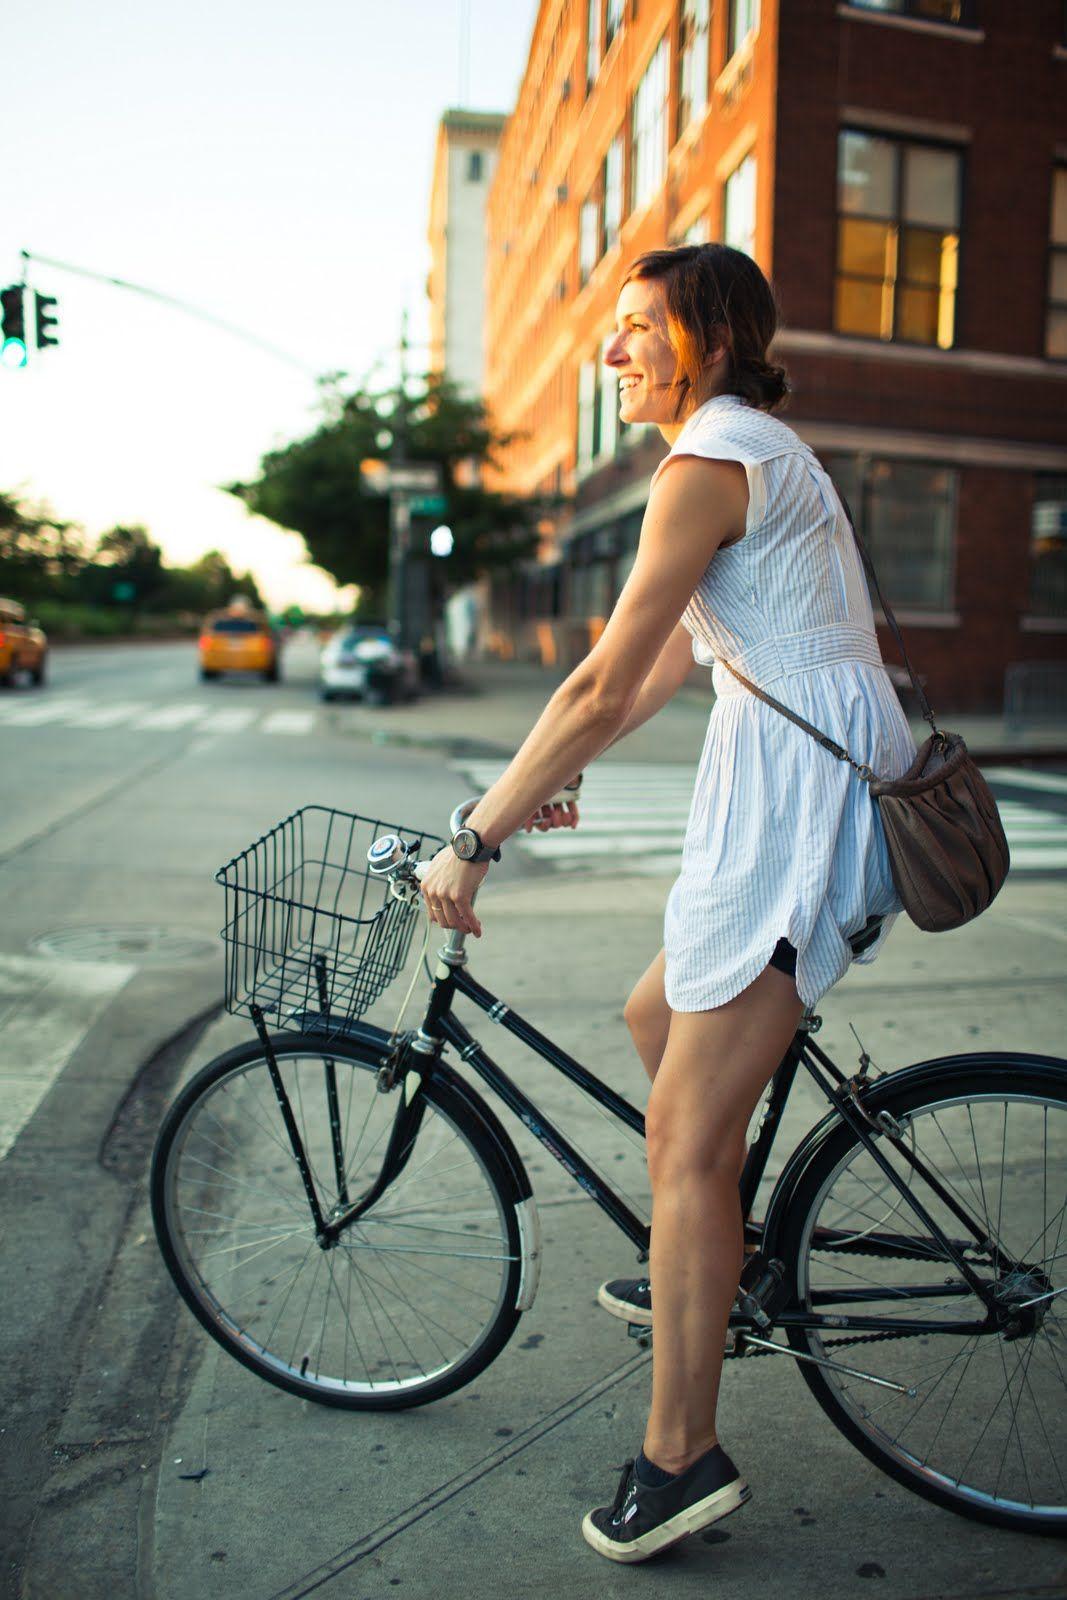 Bike And Fashion Bike Ride Bike Style Bicycle